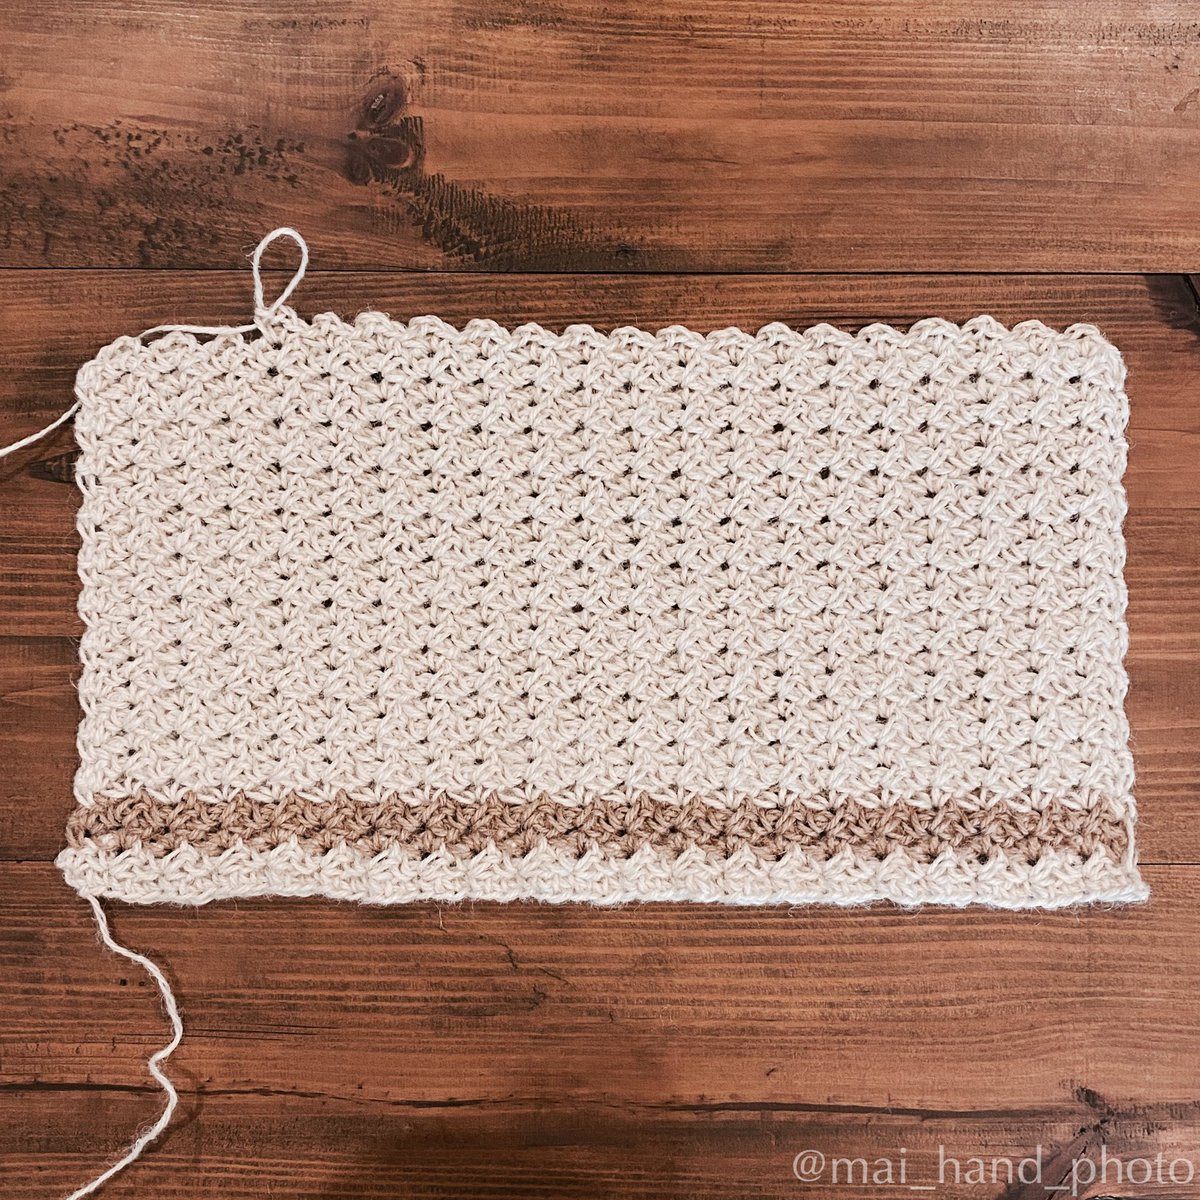 夏の西日に負けないジュートのシェードを編み始めました😉  #かぎ針編み #crochet  #ハンドメイド #handmade  #編みもの #knitting #ジュート #jute https://t.co/P62HnQvKpB